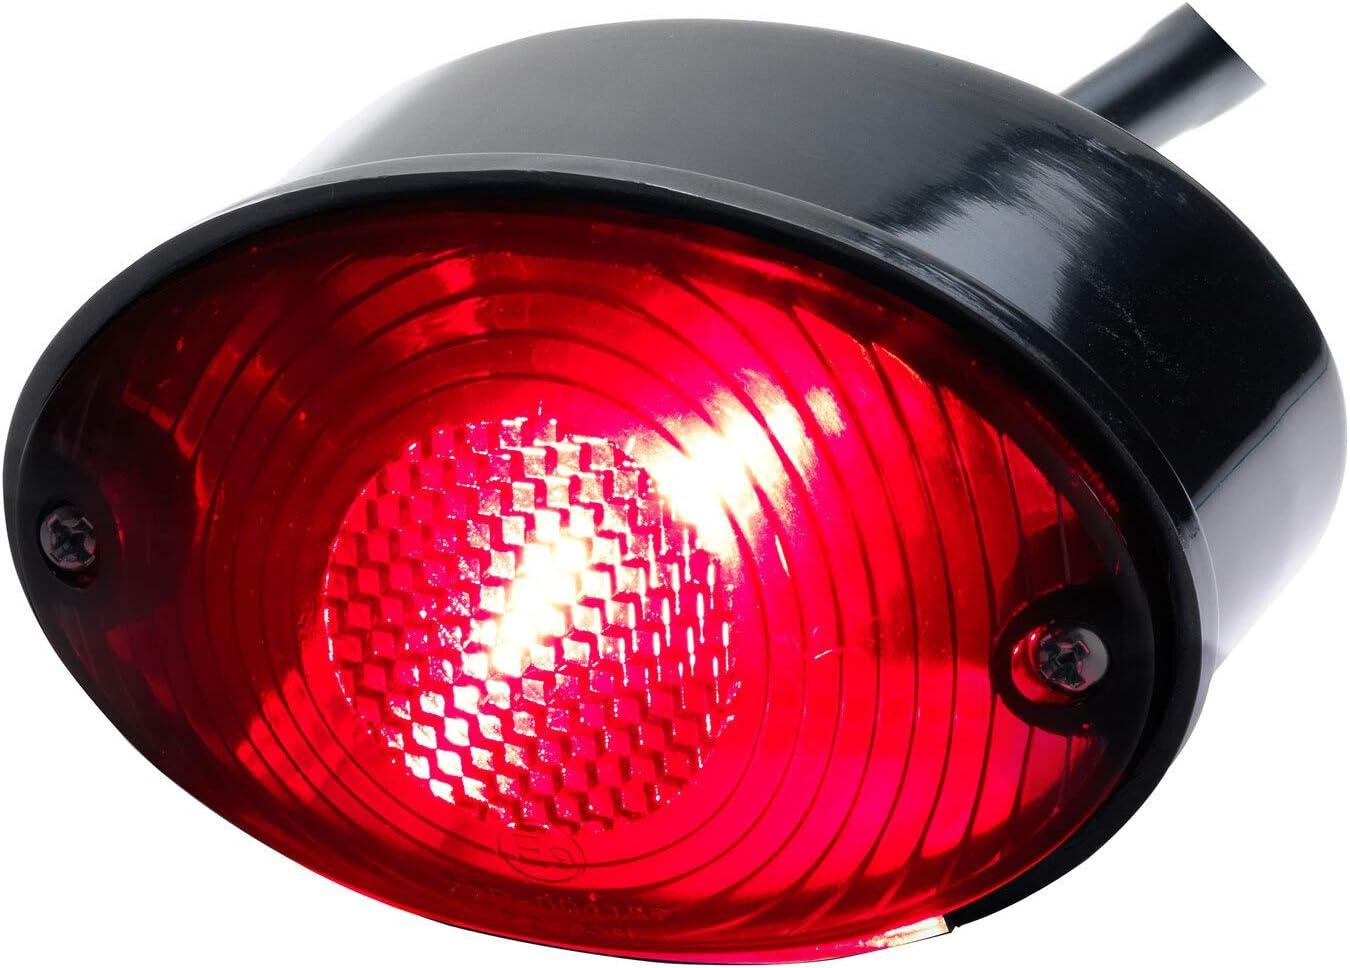 Motorrad Rücklicht Bremslicht Cat Eye Schwarz Smoke Getönt Quad Atv Roller E Geprüft Auto